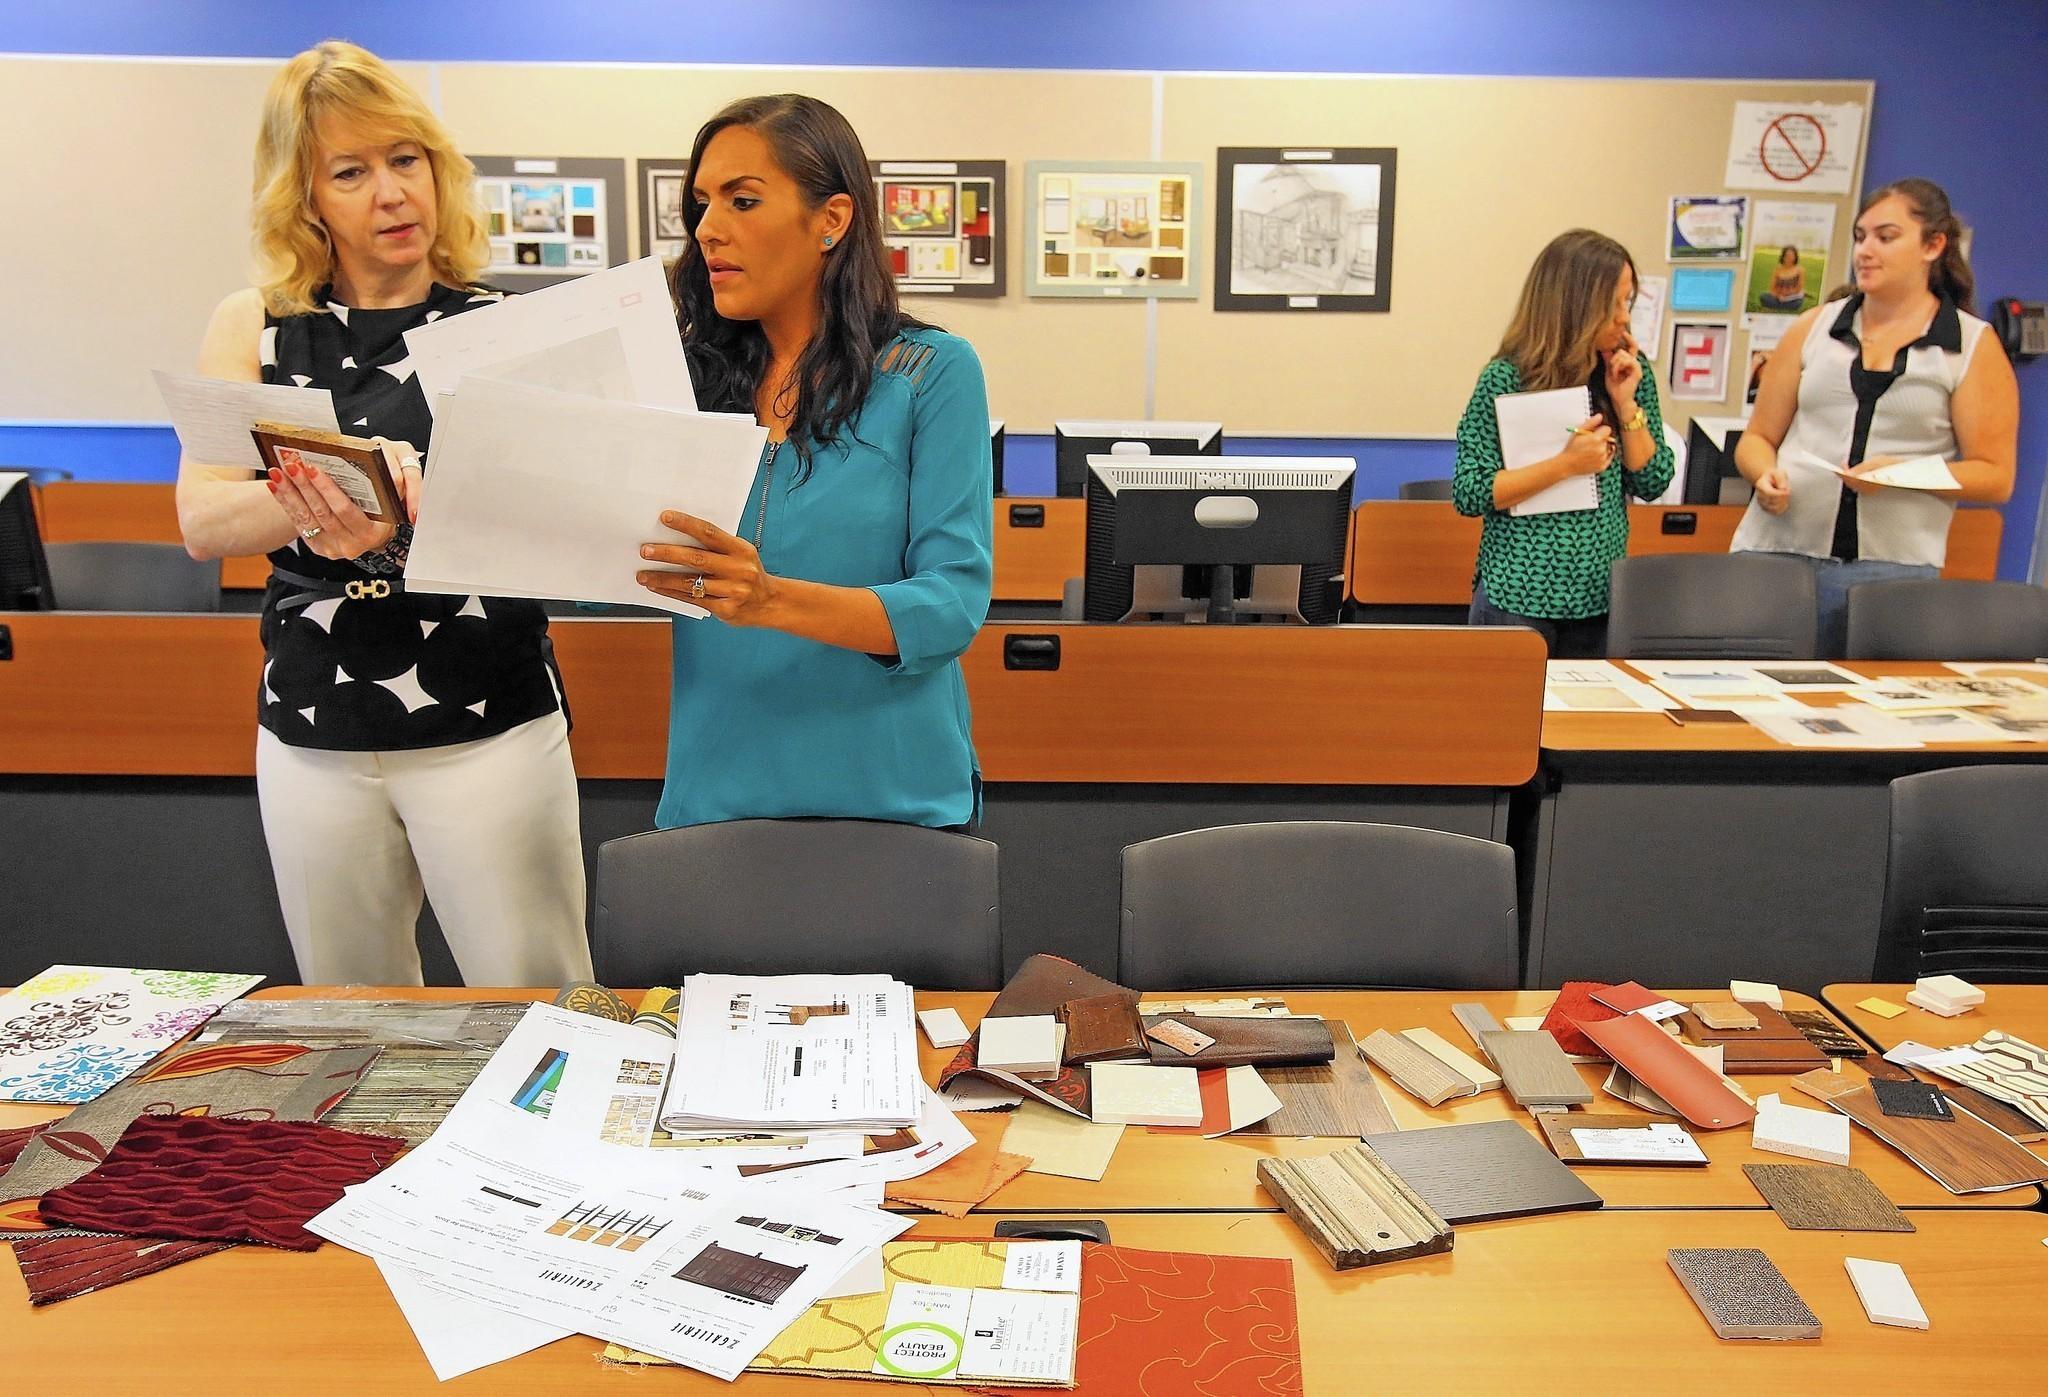 Autism interior design course at Seminole State aims to open doors - Orlando Sentinel